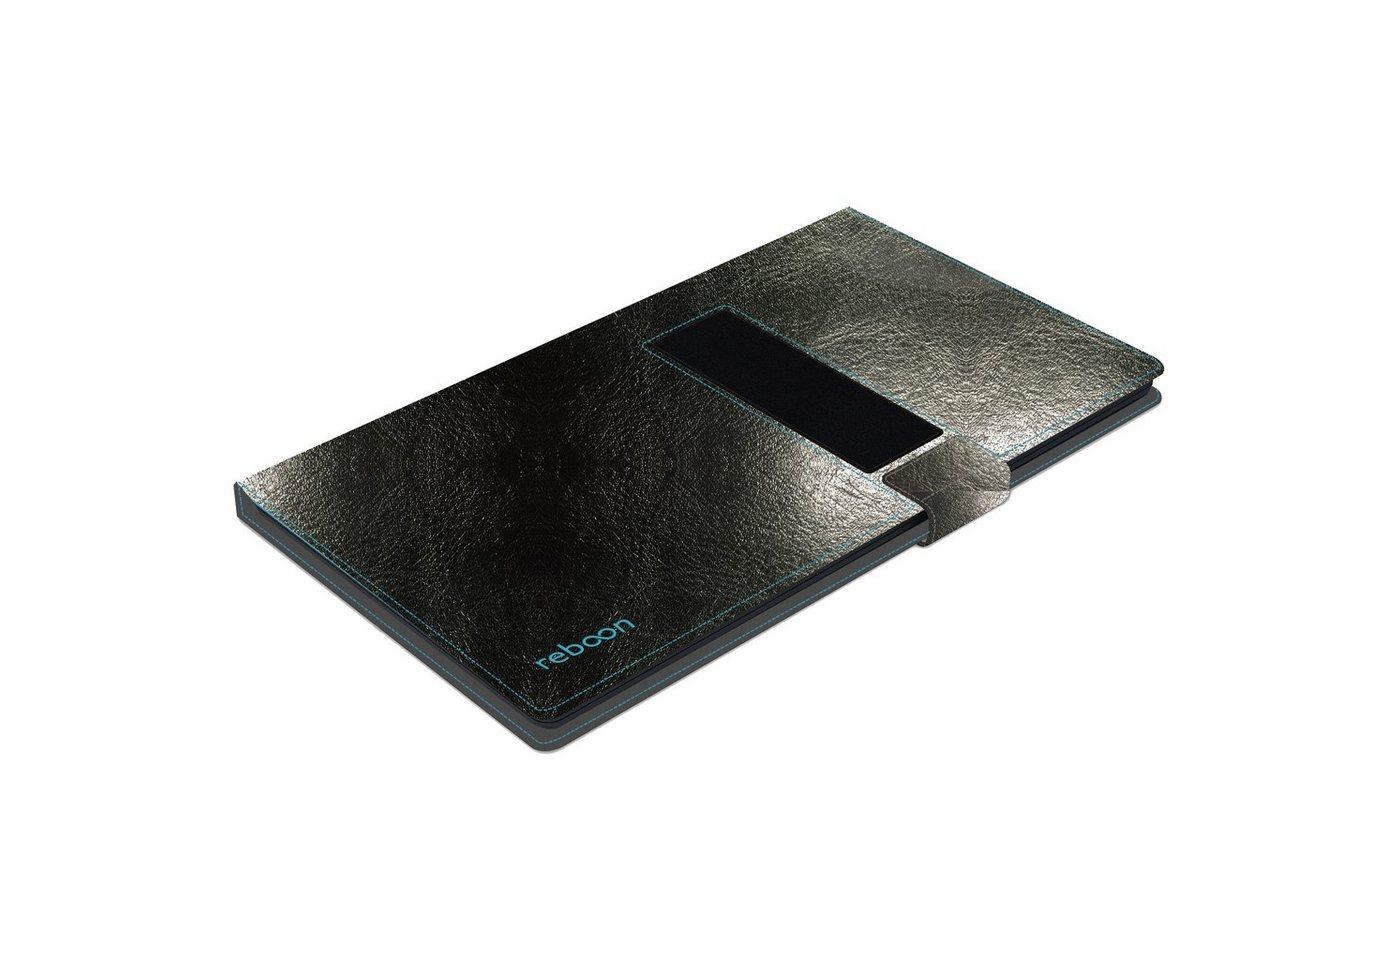 reboon Universelle Tablet Hülle L mit Stand-, Wand- oder KFZ-Halterung »booncover L2« - Preisvergleich